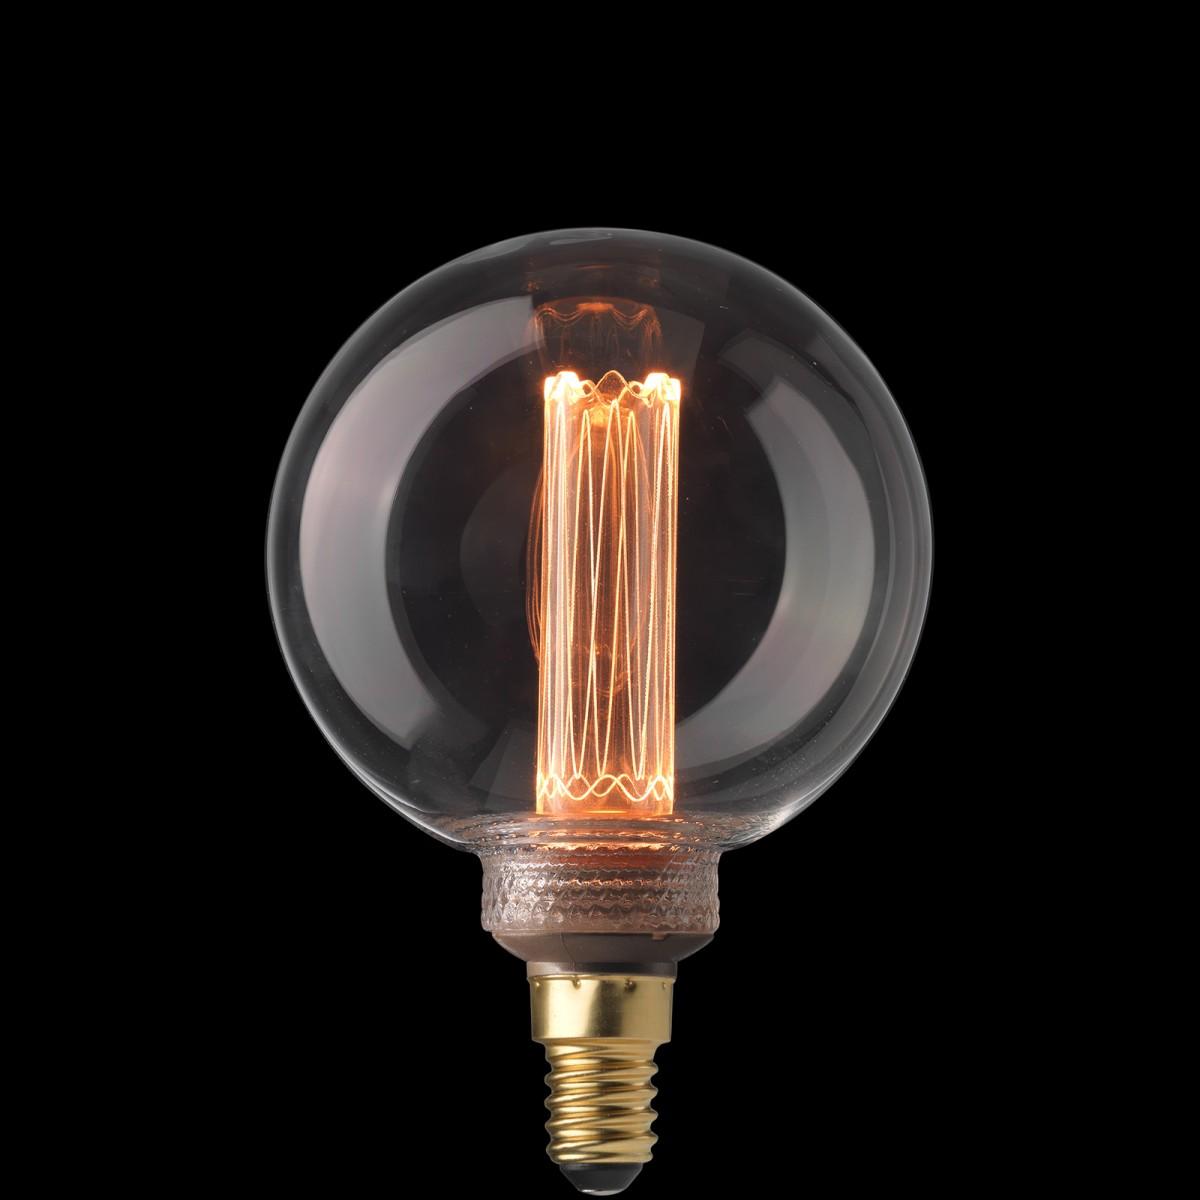 Bec Laser LED filament  dimabil L213, E14, 8cm, lumină caldă